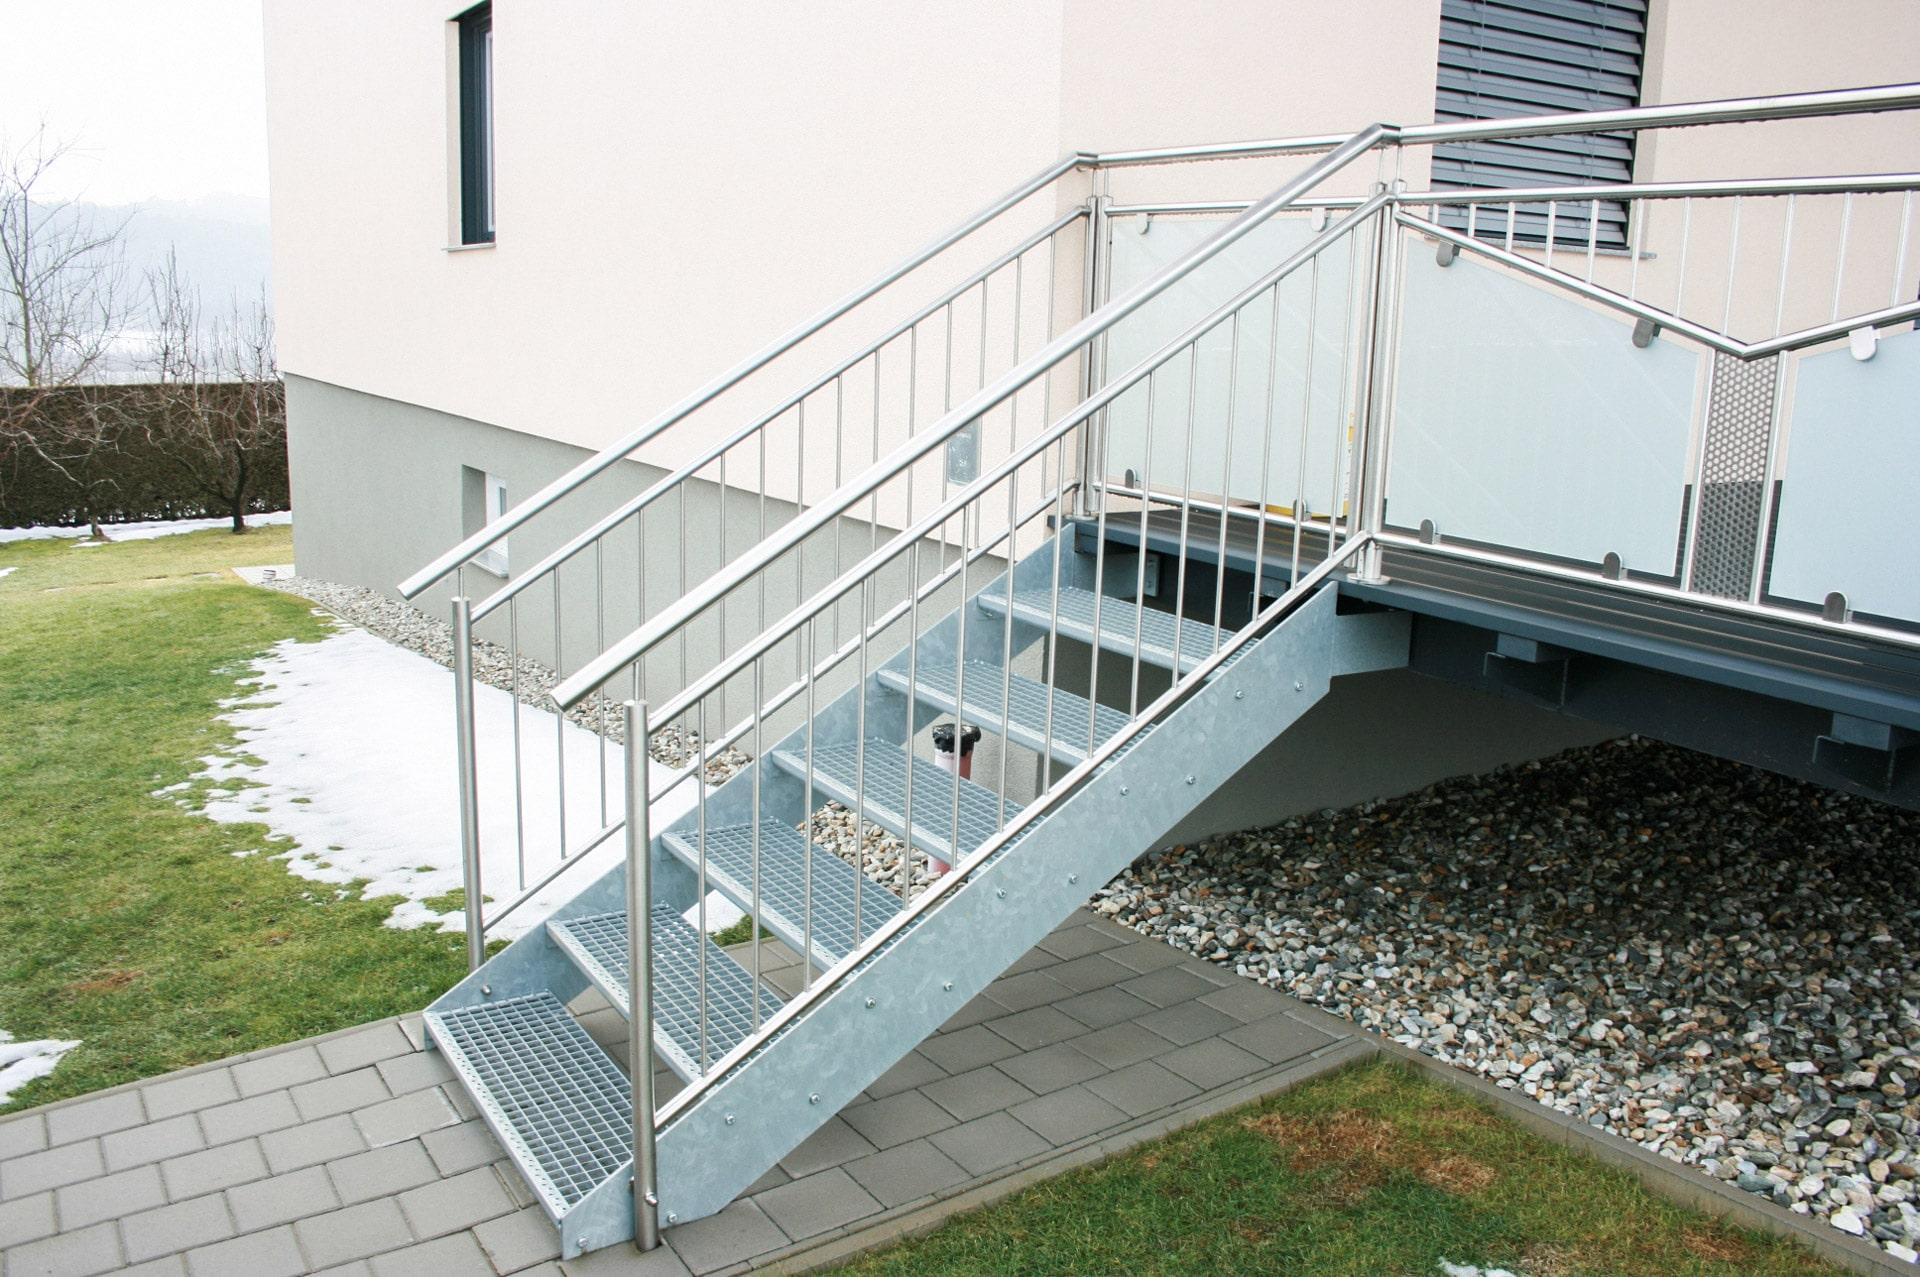 S 29   Stahlstiege mit Gitterrost Stufen bei Terrassenzubau mit Edelstahl-Stab-Geländer   Svoboda